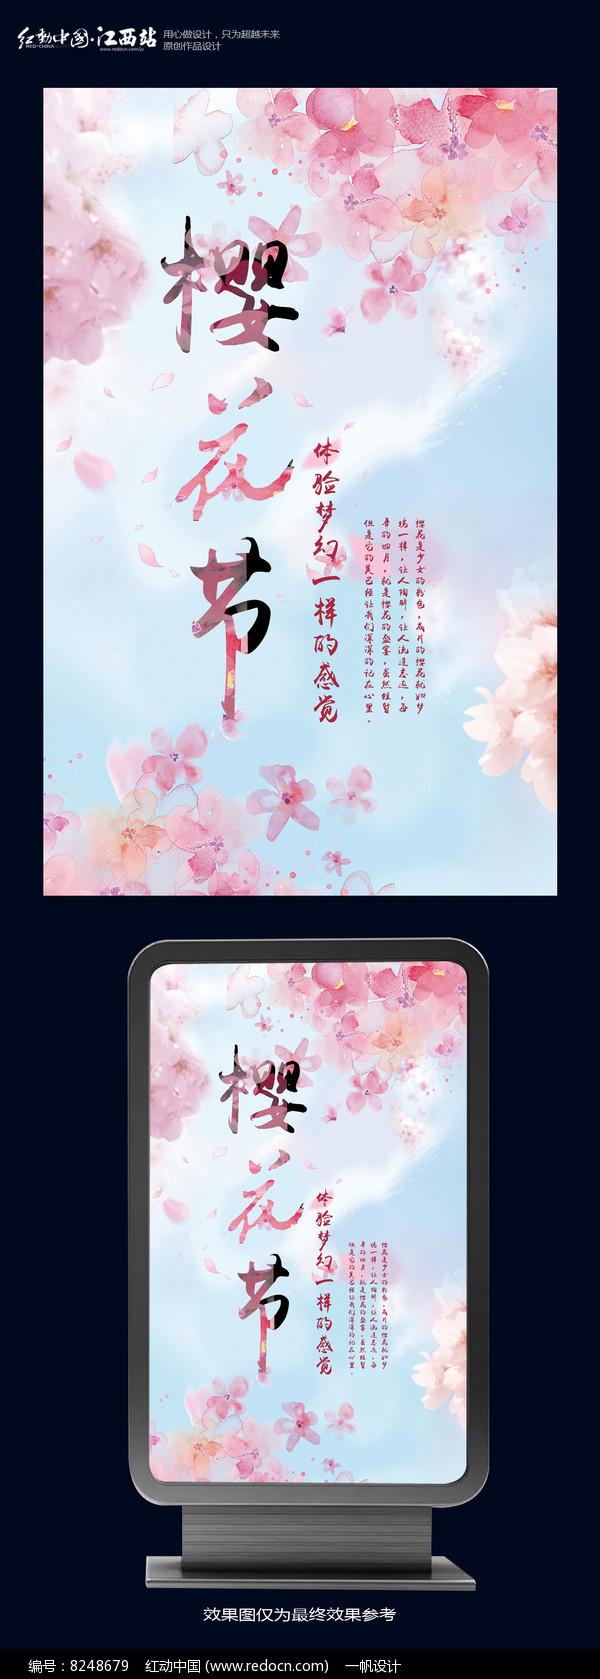 四月樱花节海报图片